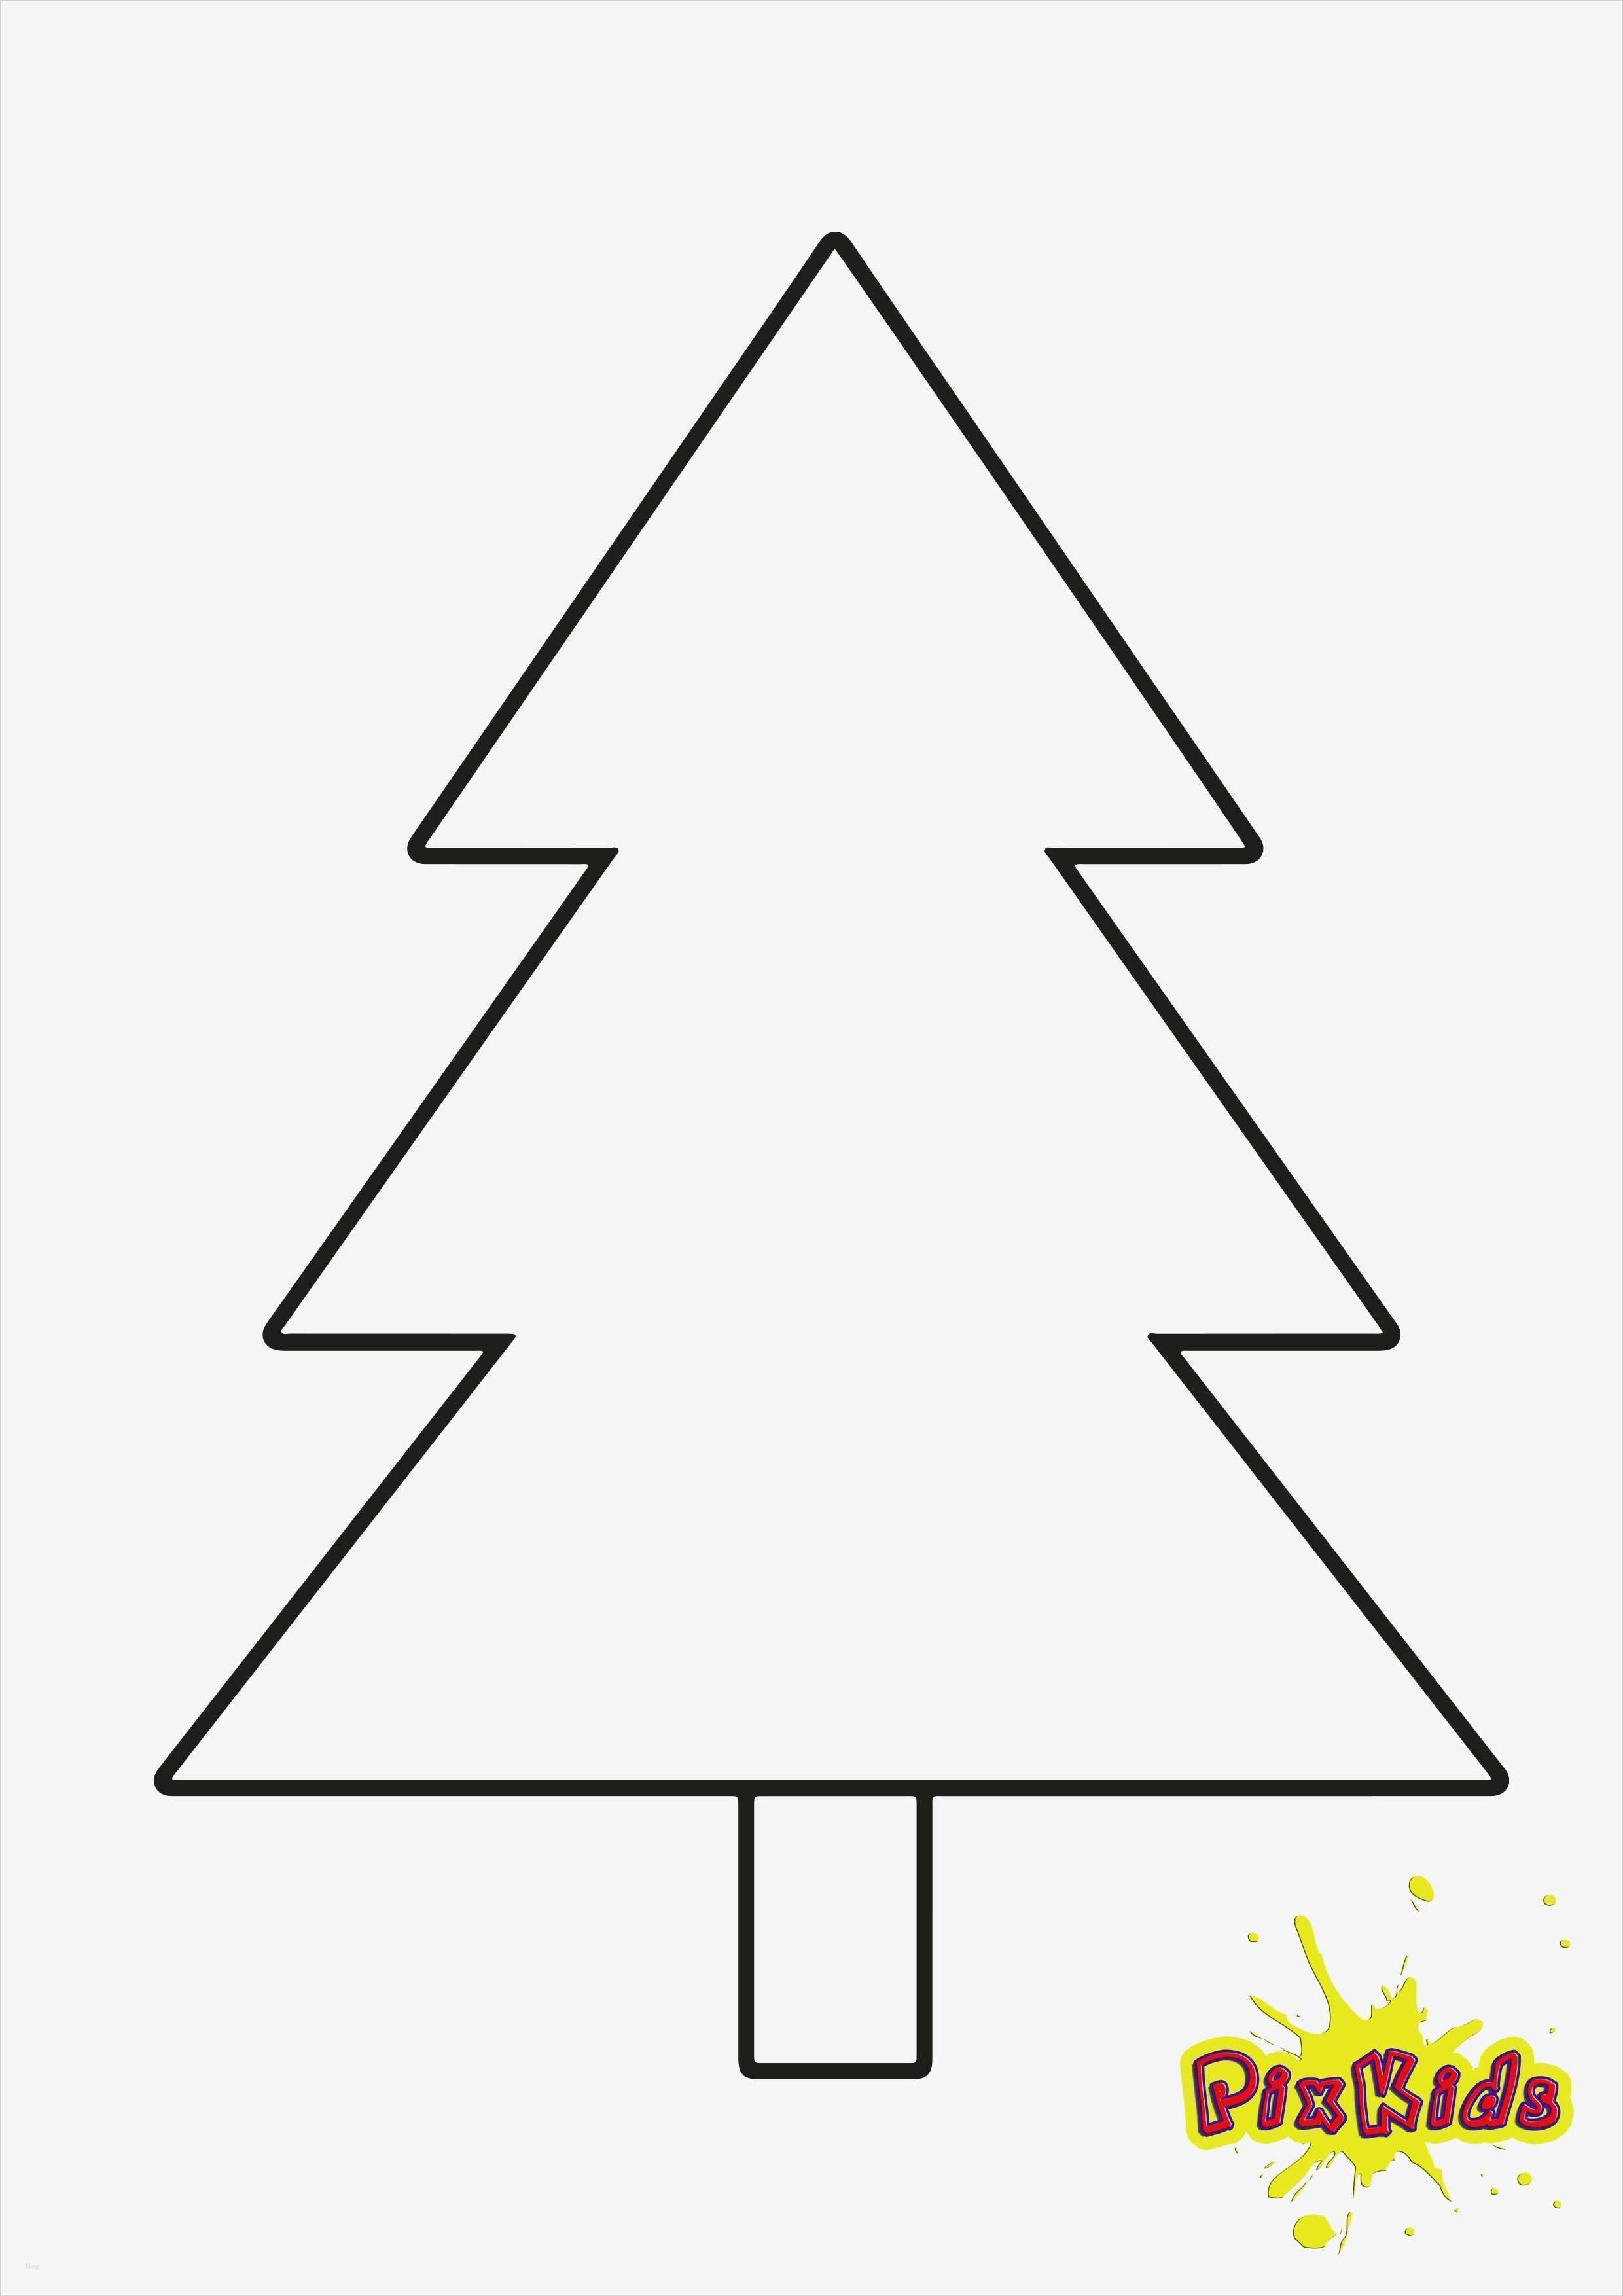 vorlage weihnachtsbaum beste ausmalbild tannenbaum